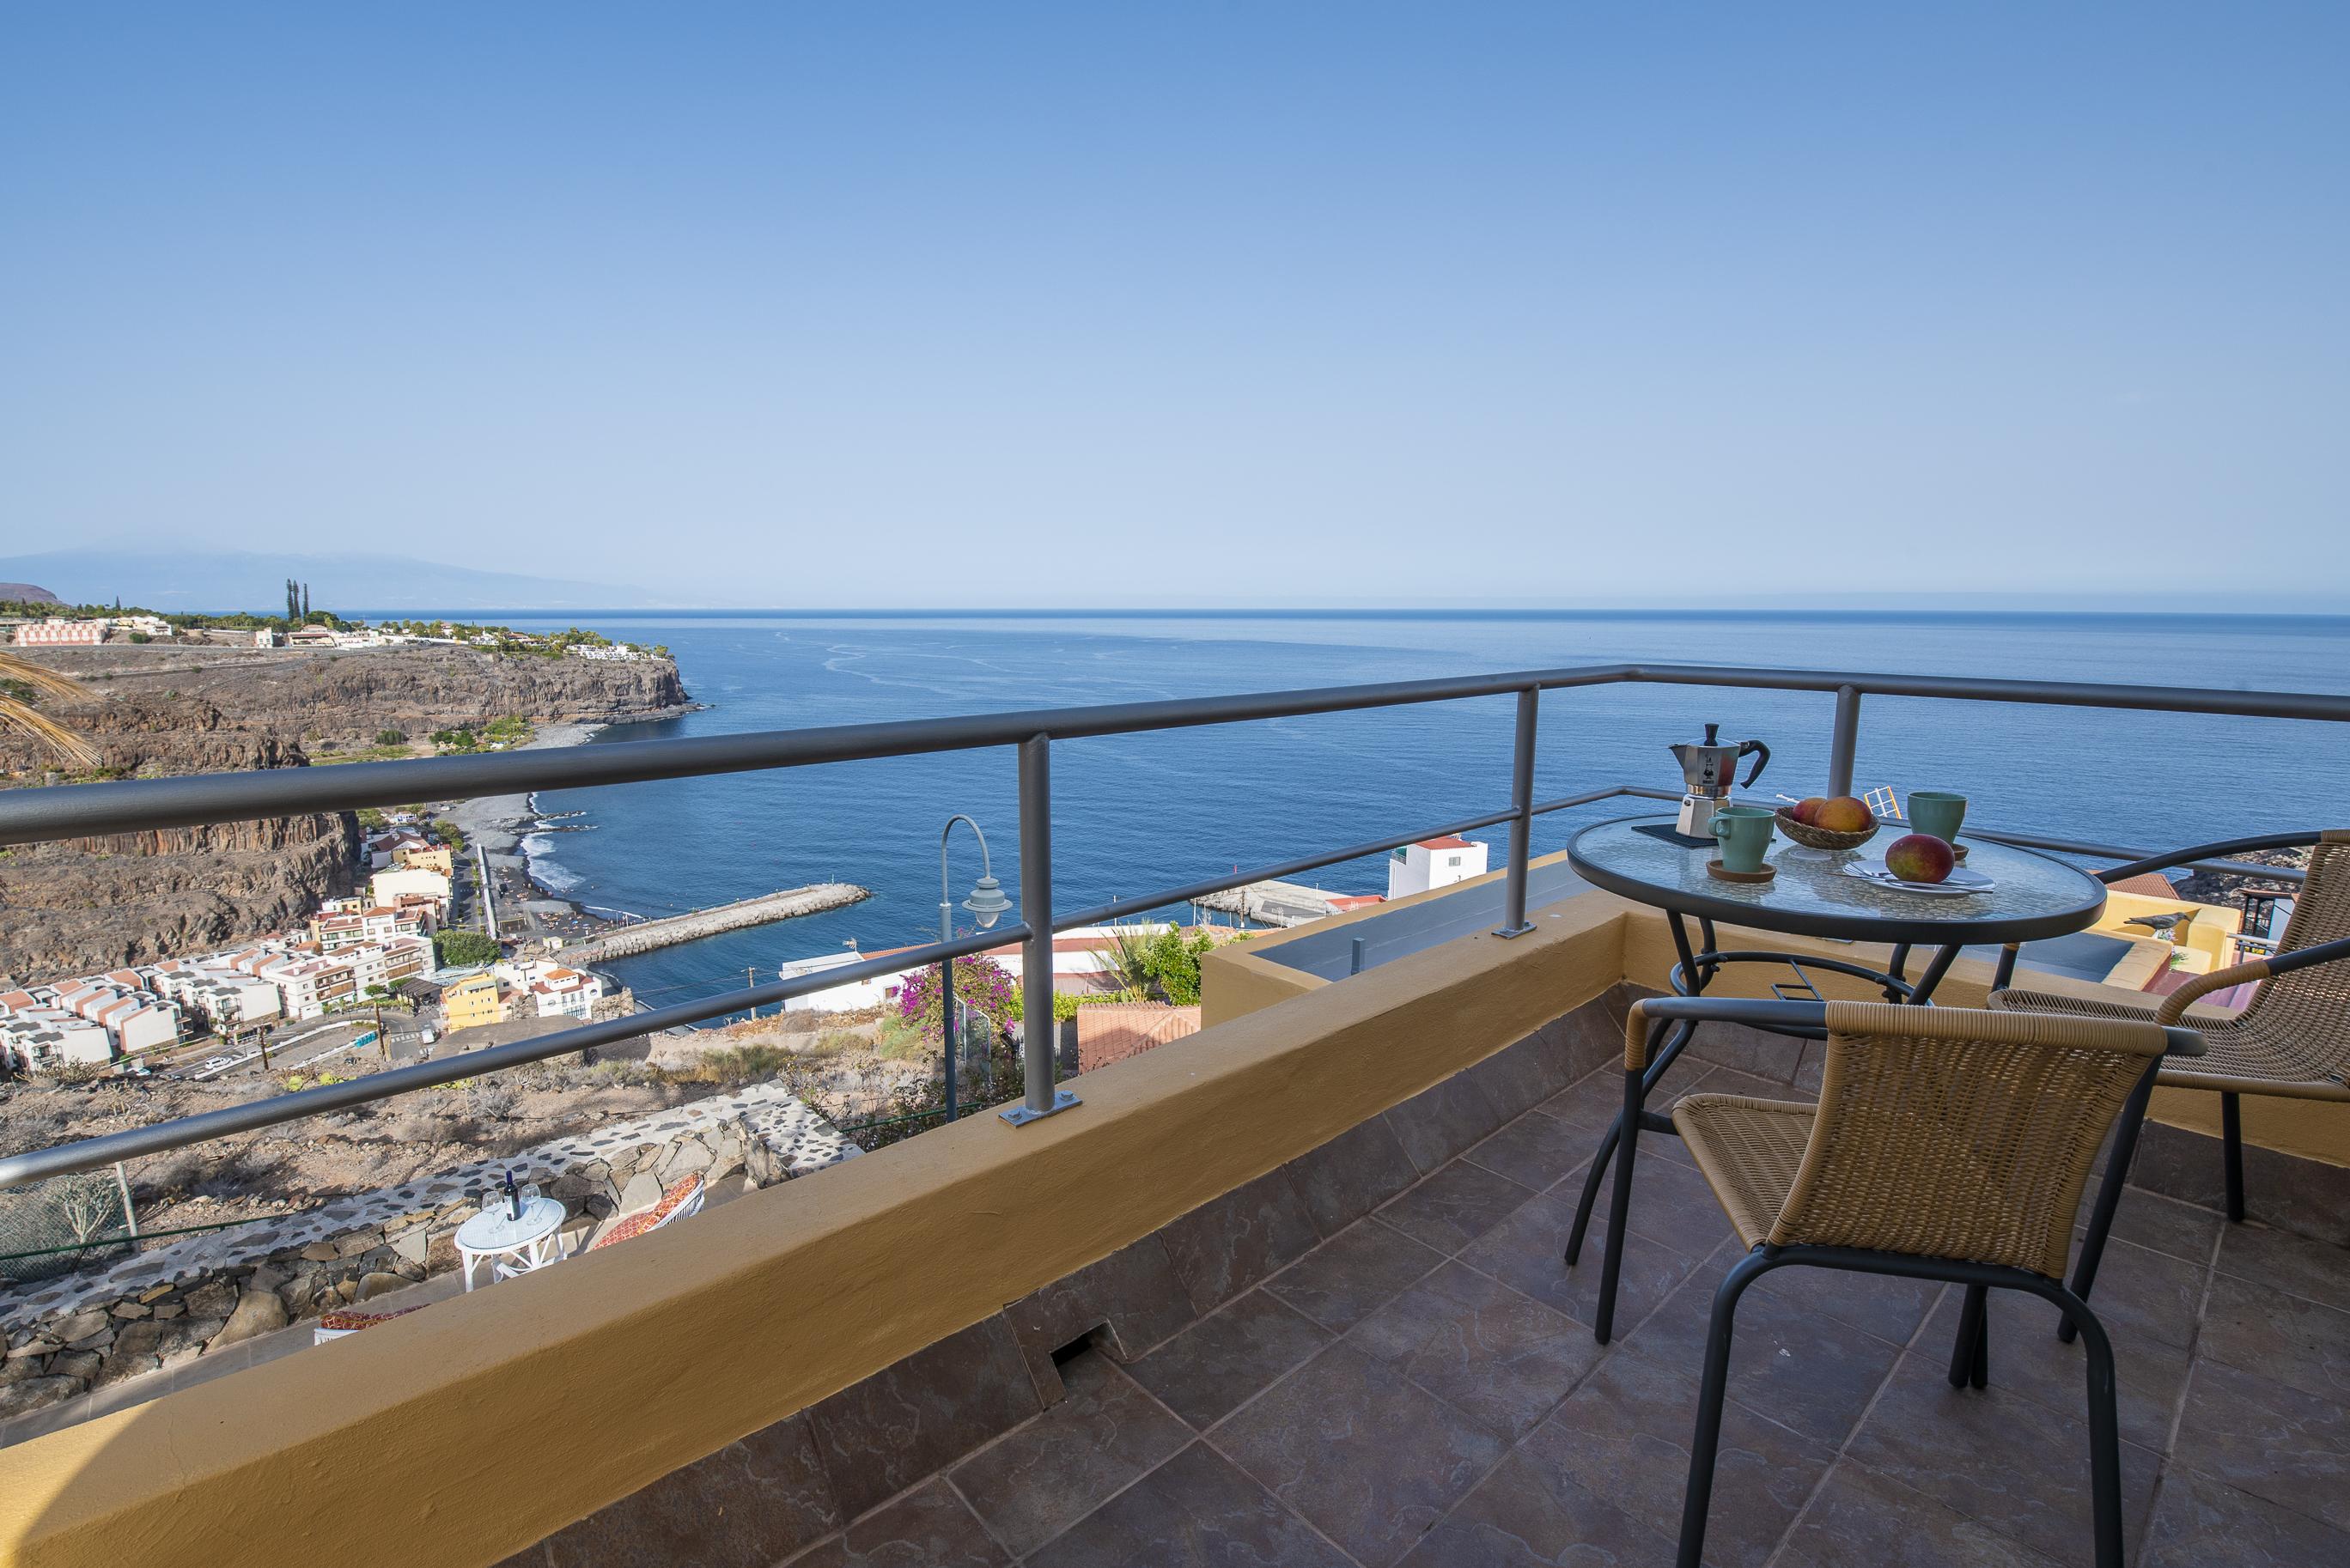 Ferienhaus  (2681968), Playa de Santiago, La Gomera, Kanarische Inseln, Spanien, Bild 37